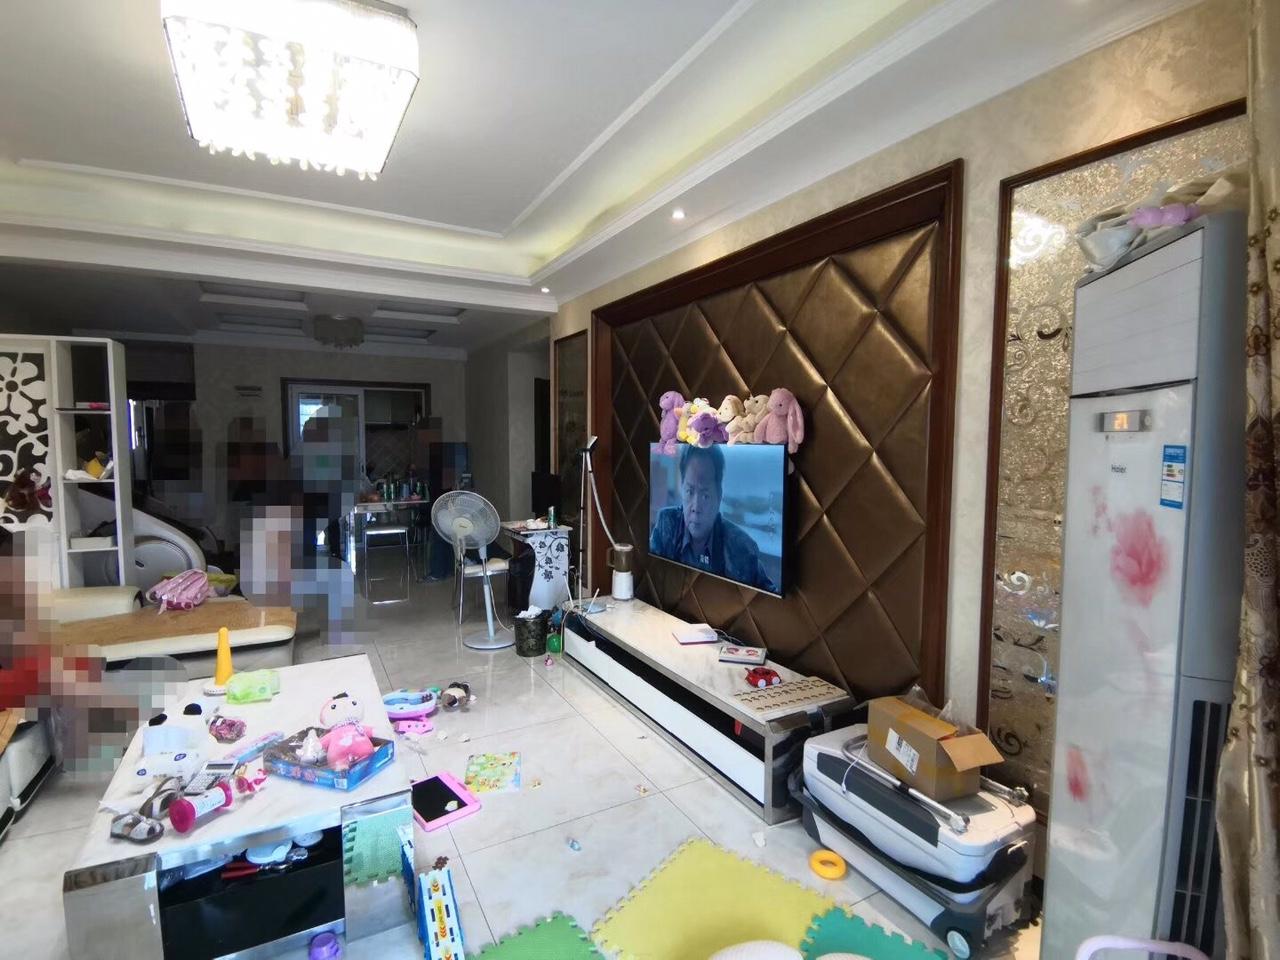 金阳广场3室2厅2卫58.8万元